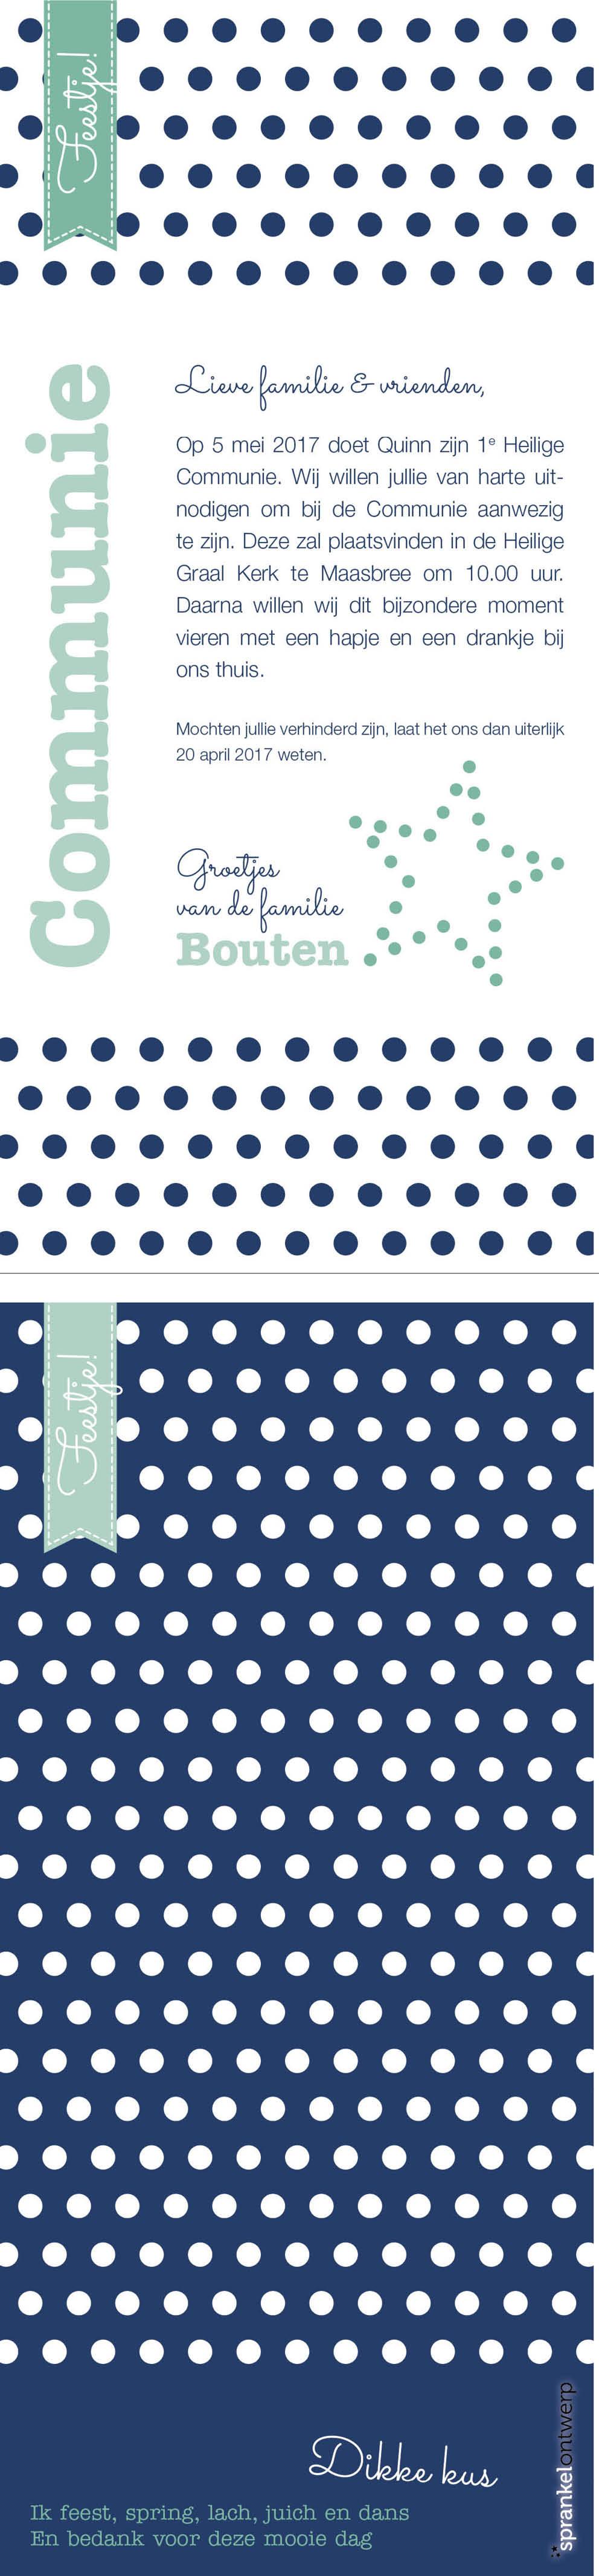 COMMUNIE | uitnodiging, invitation, blauw, aqua, blue, polkadots, star, ster, wit, white